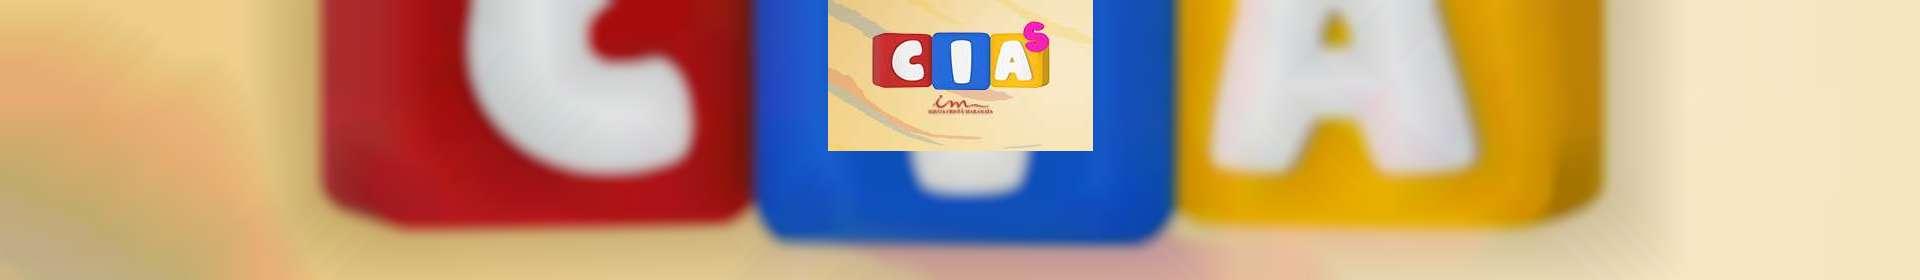 Aula de CIAS: classe de 11 a 15 anos - 25 de junho de 2020